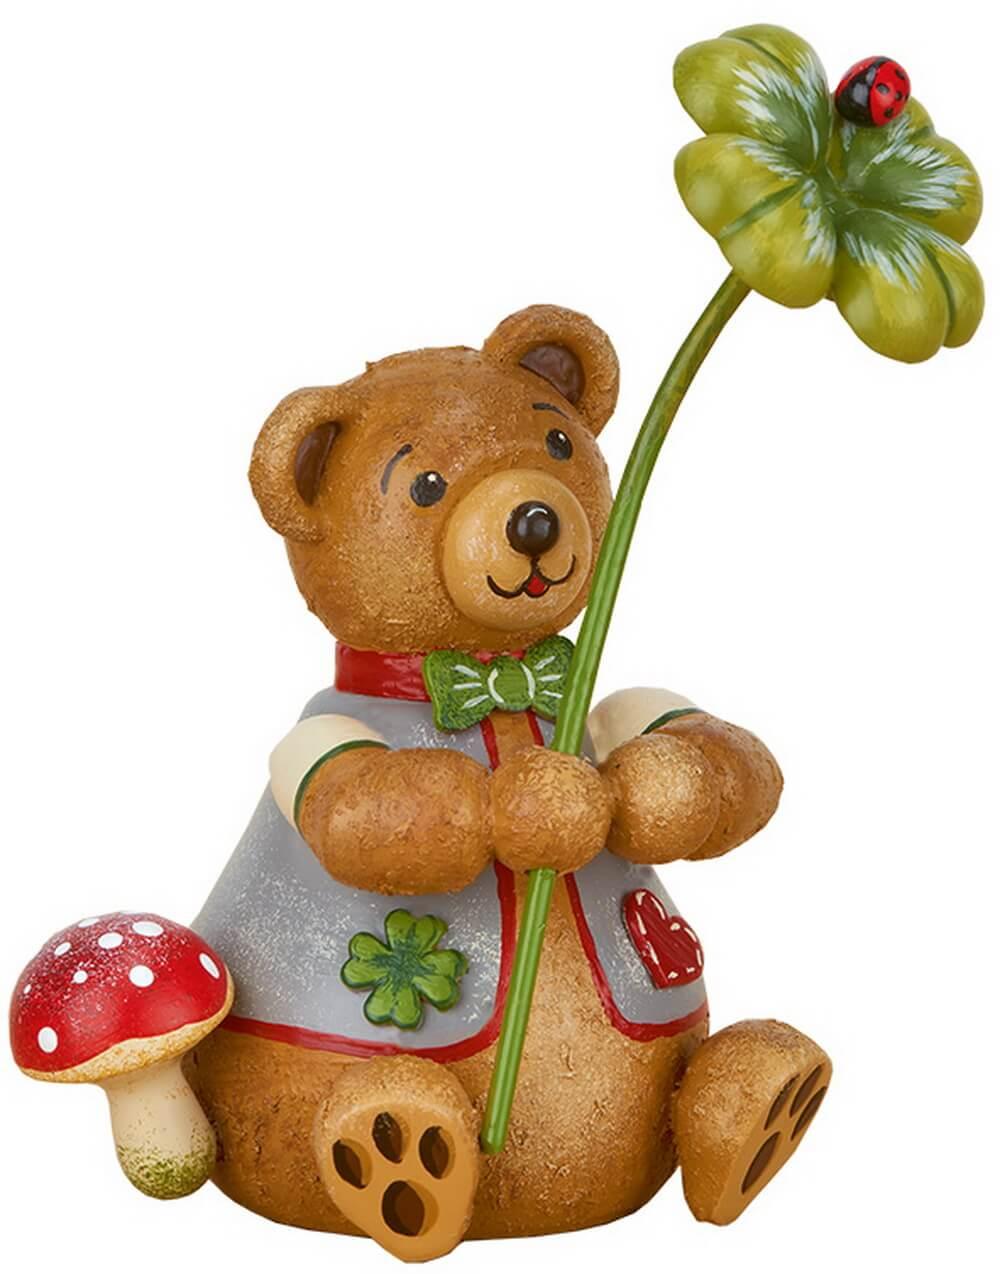 Teddy Glücksbärli aus Holz aus der Serie Hubiduu Teddy von Hubrig